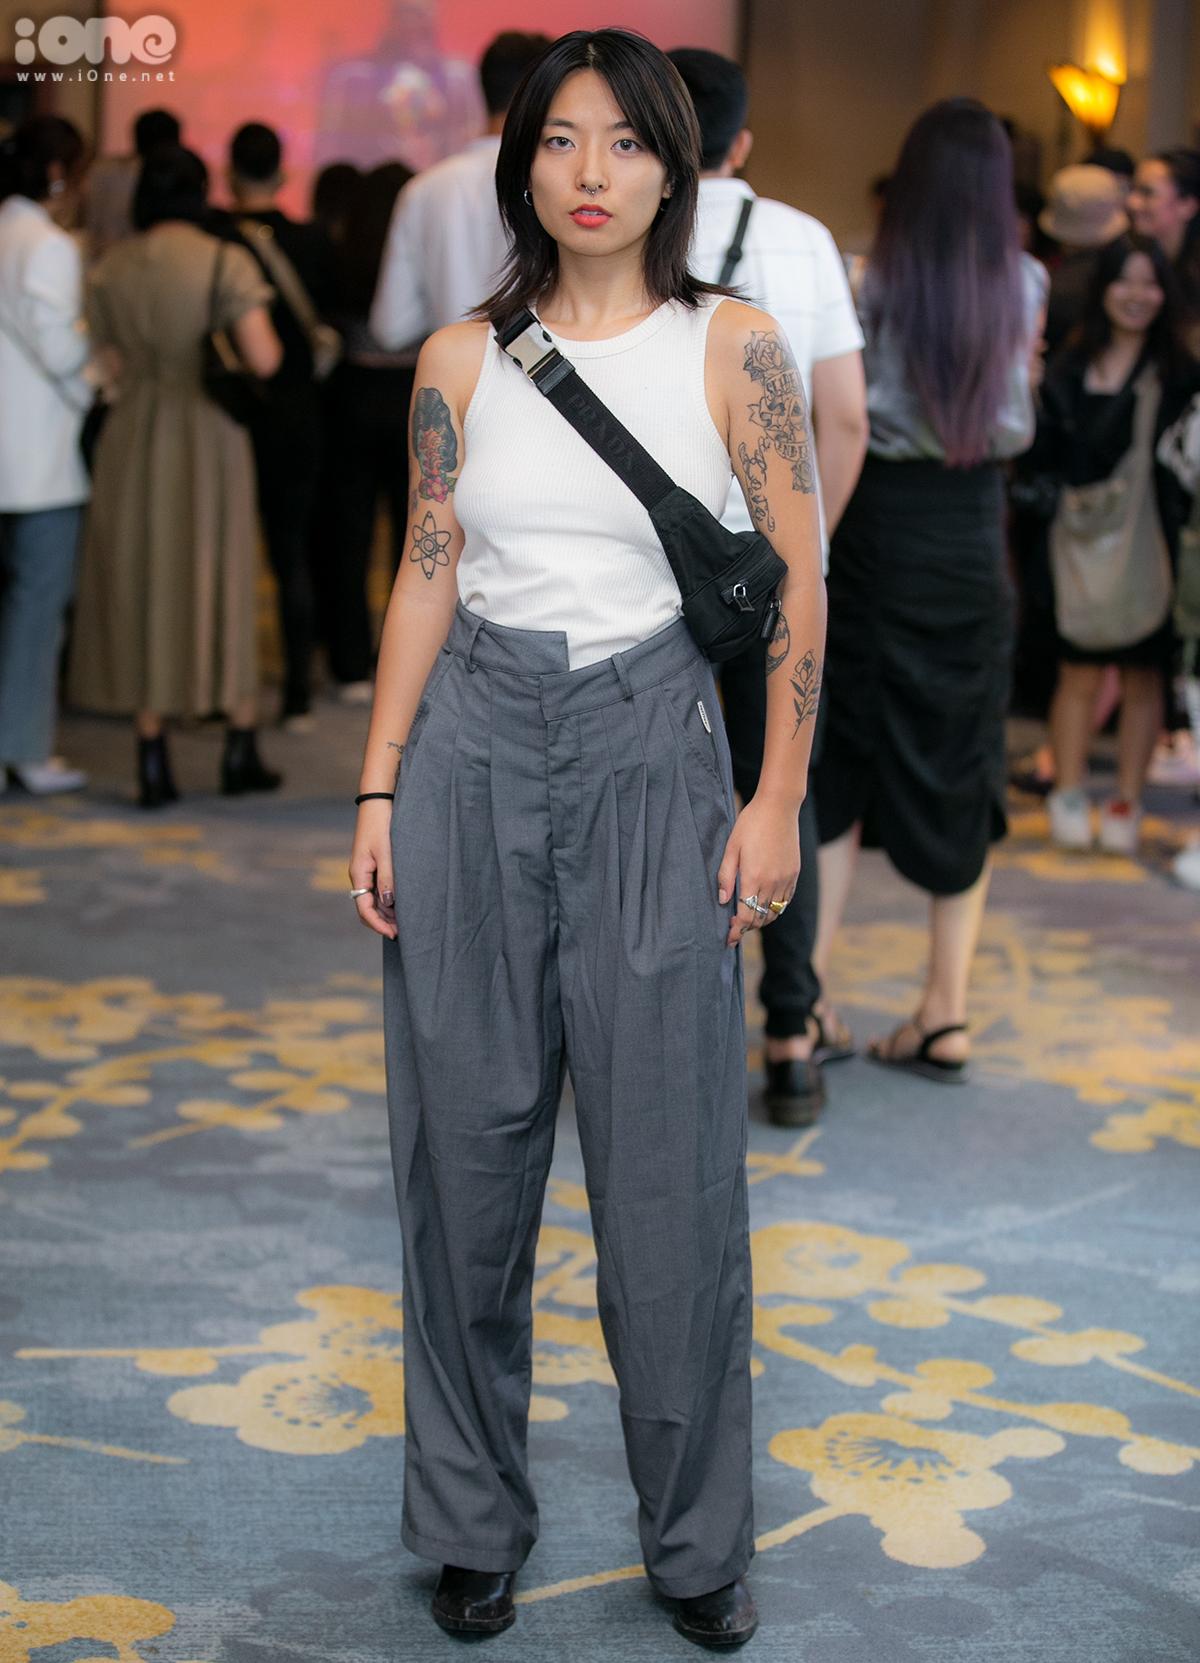 Wang lên đồ đơn giản nhưng vẫn ấn tượng nhờ kiểu quần cài lệch khuy. Những hình xăm trên tay là món trang sức giúp set đồ của cô thêm bắt mắt.